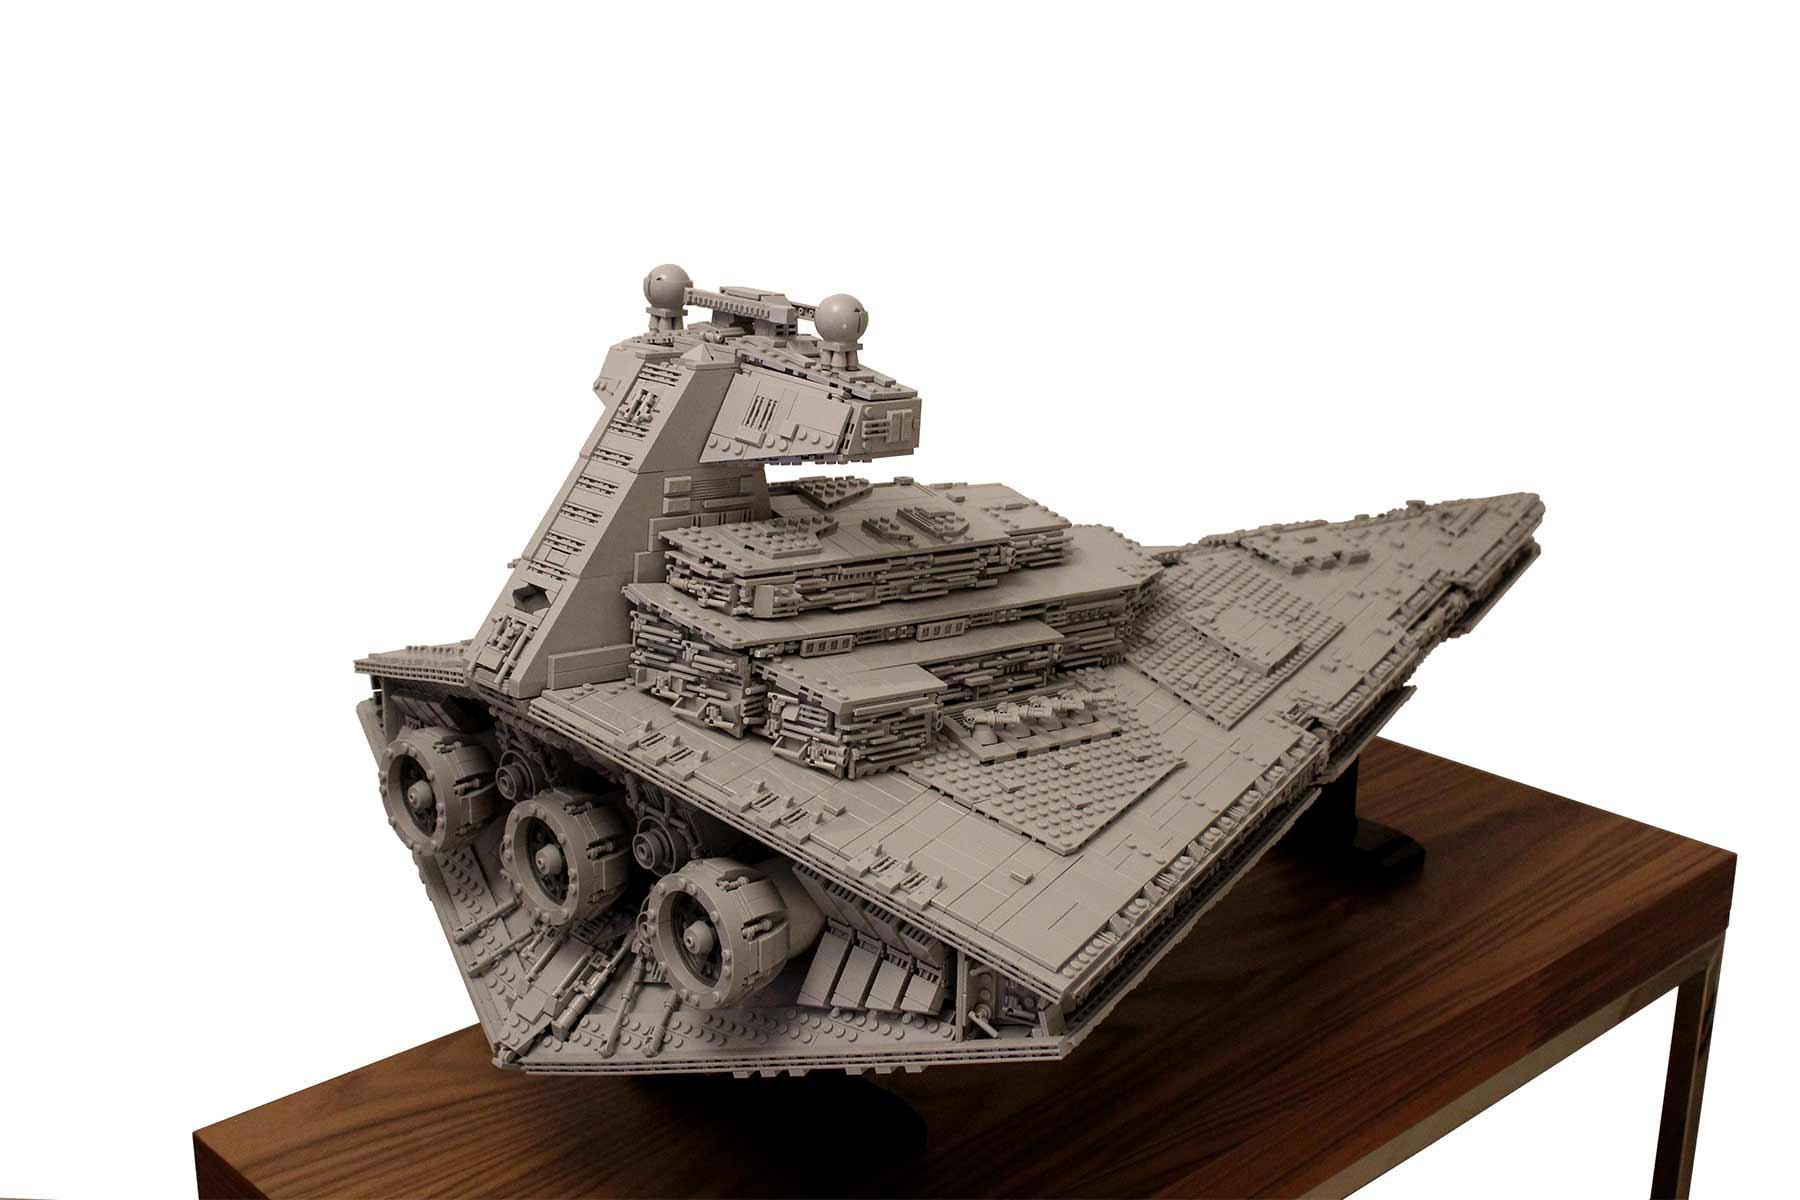 Gigantischer Sternzerstörer aus LEGO lego-sternzerstoerer-star-wars-riesig_02